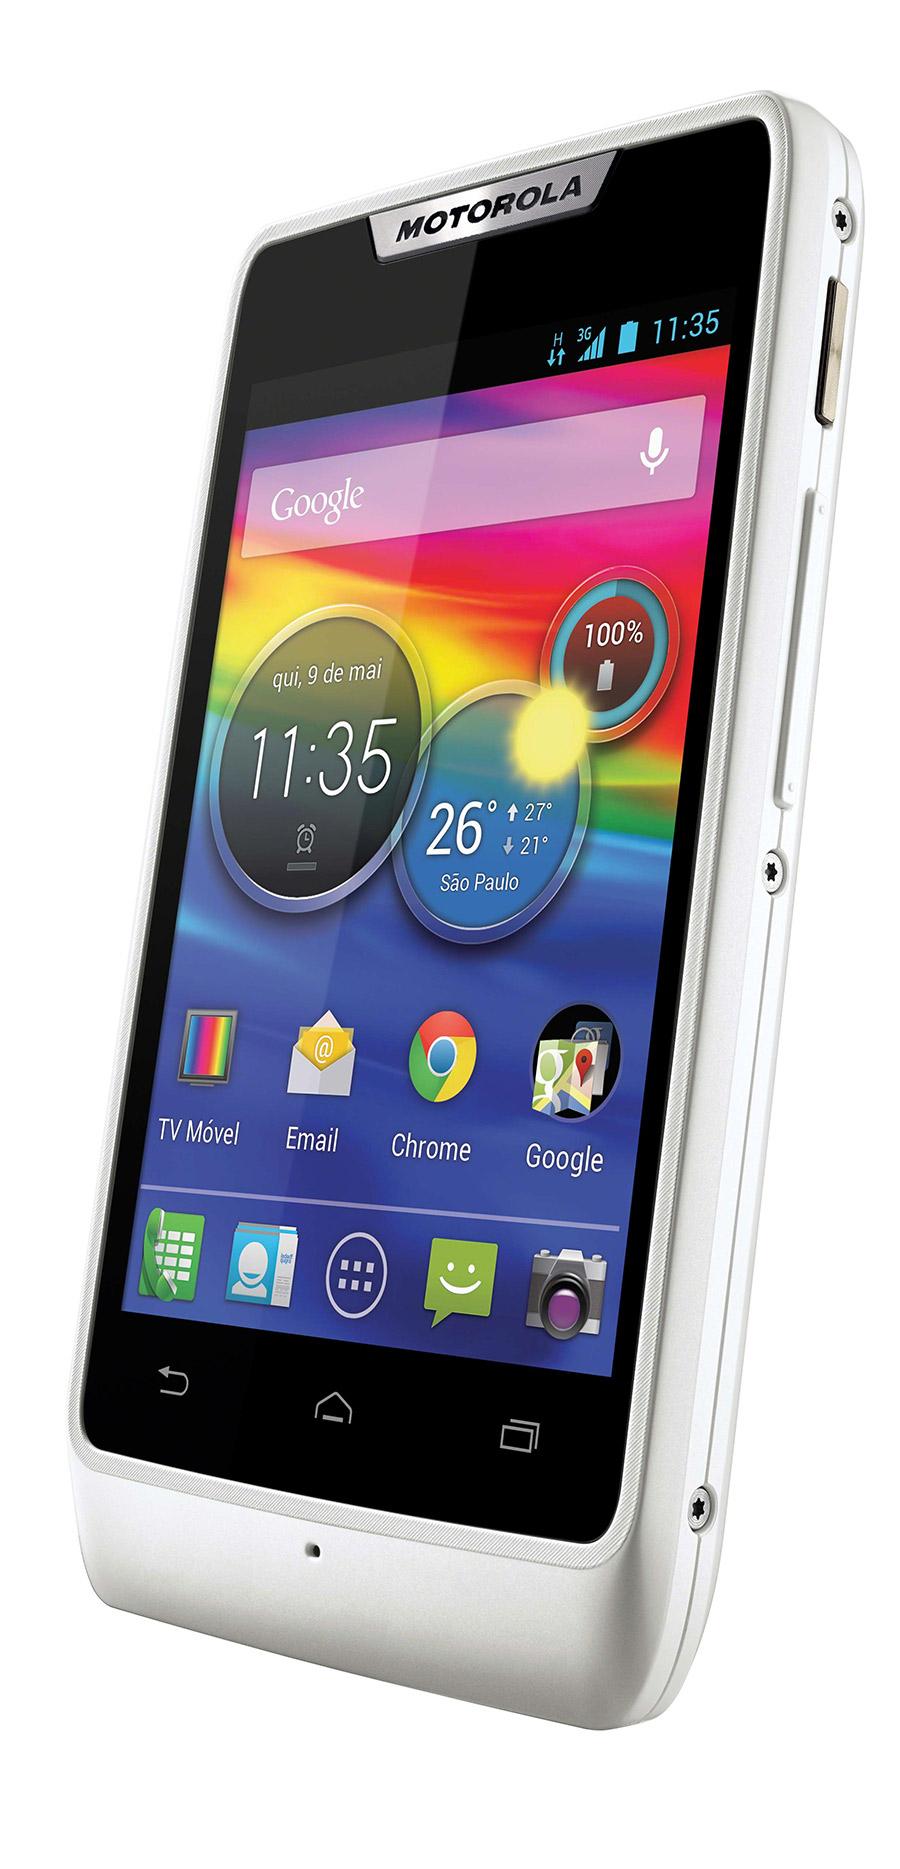 Motorola RAZR D1 XT914 en México con Telcel color blanco